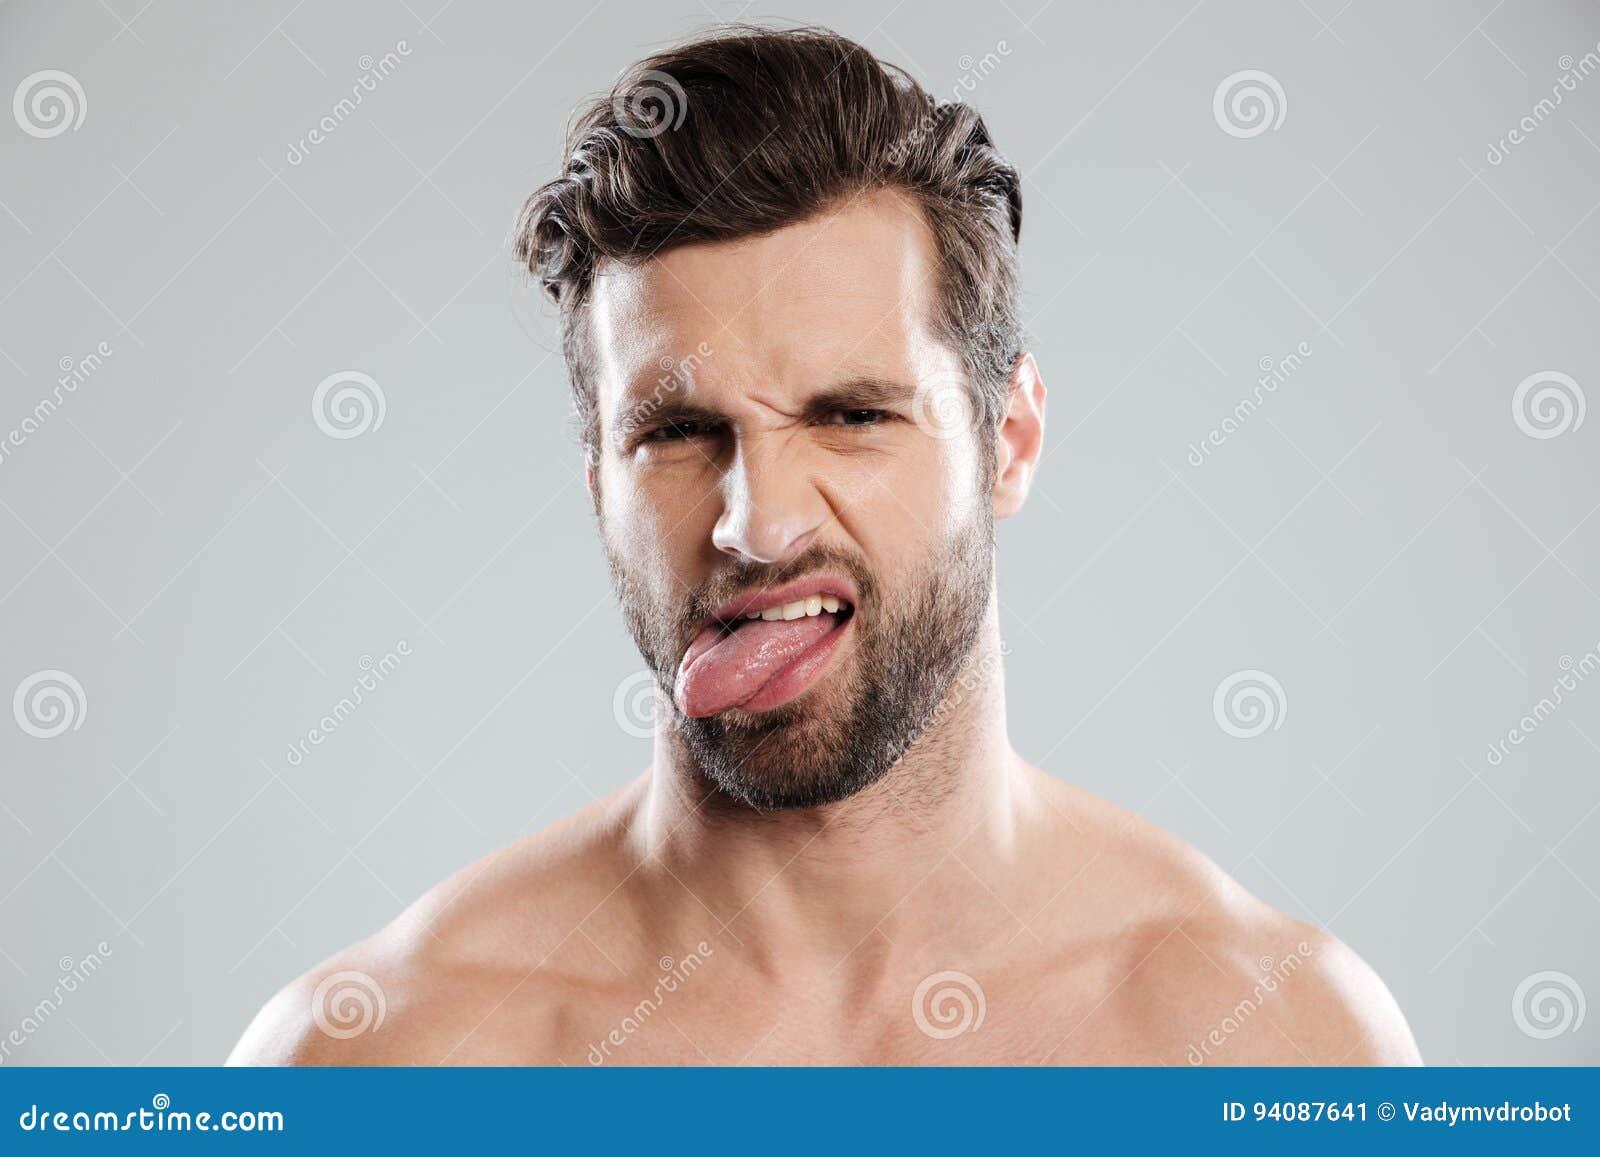 Homme Barbu Nu le portrait d'un renversement a irrité l'homme barbu nu montrant la